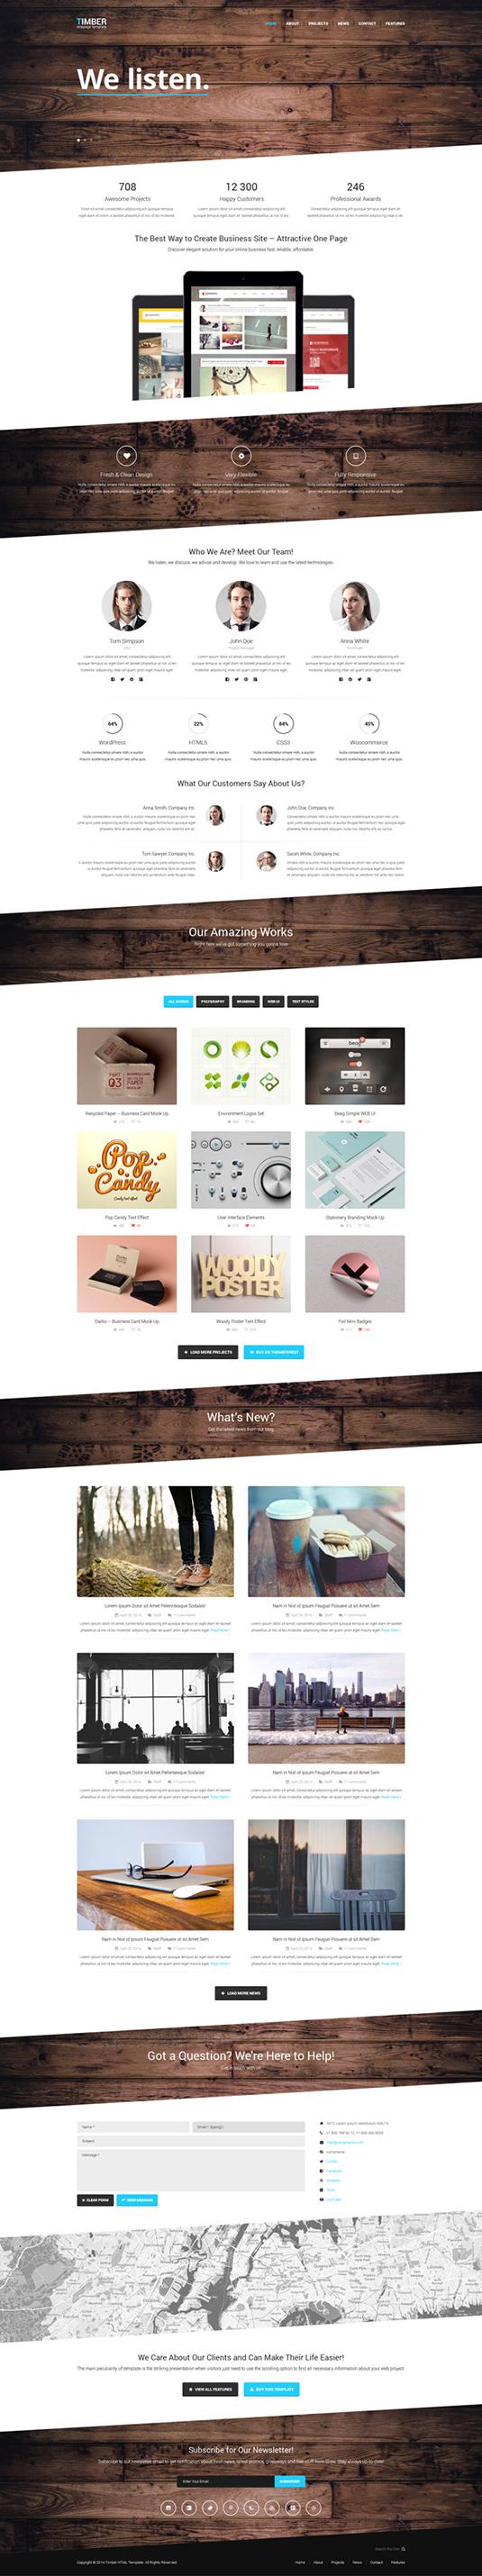 木纹风格的免费引导页HTML模板